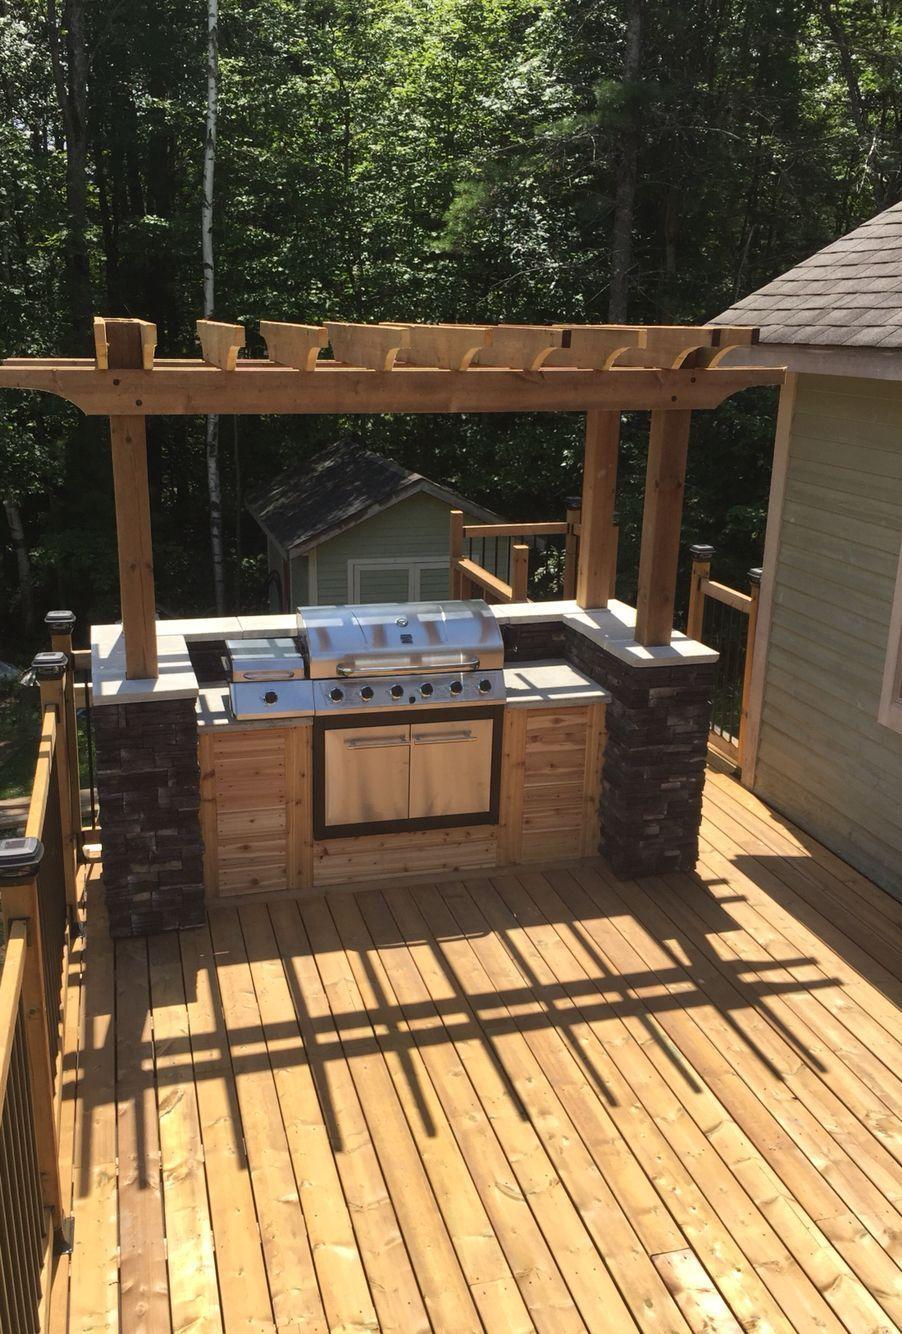 40 Best Diy Outdoor Kitchen Designs Ideas Updated 2020 Designs Diy Ideas Kit In 2020 Outdoor Grill Station Outdoor Kitchen Design Layout Outdoor Kitchen Design